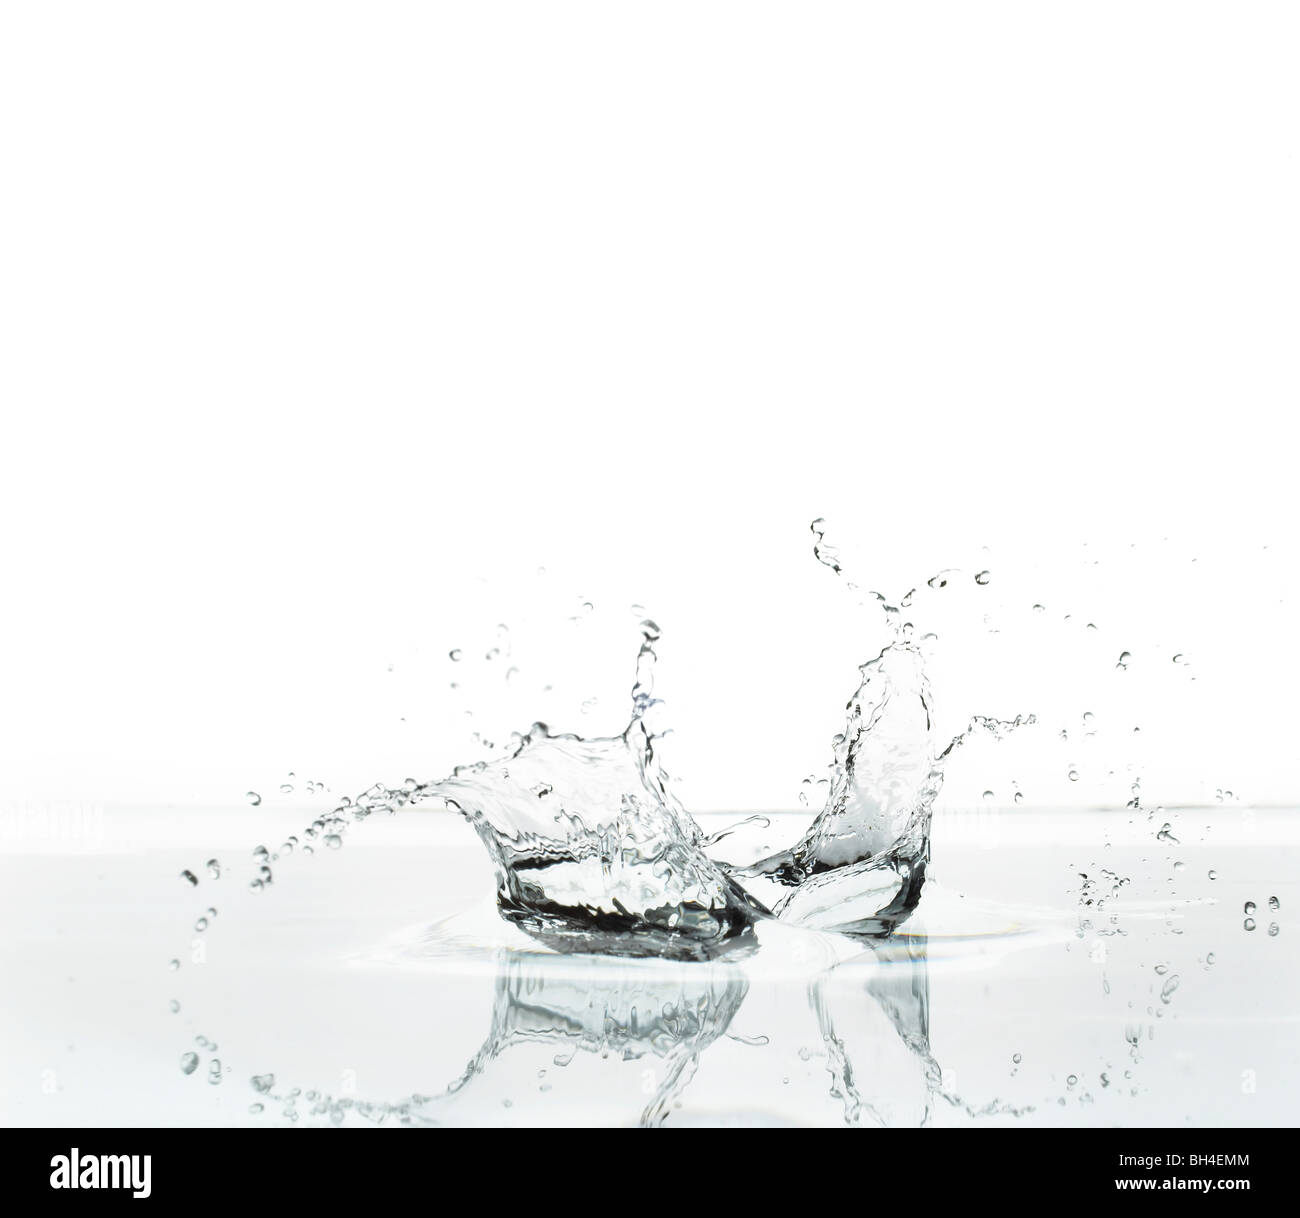 Schizzi di acqua su sfondo bianco Immagini Stock